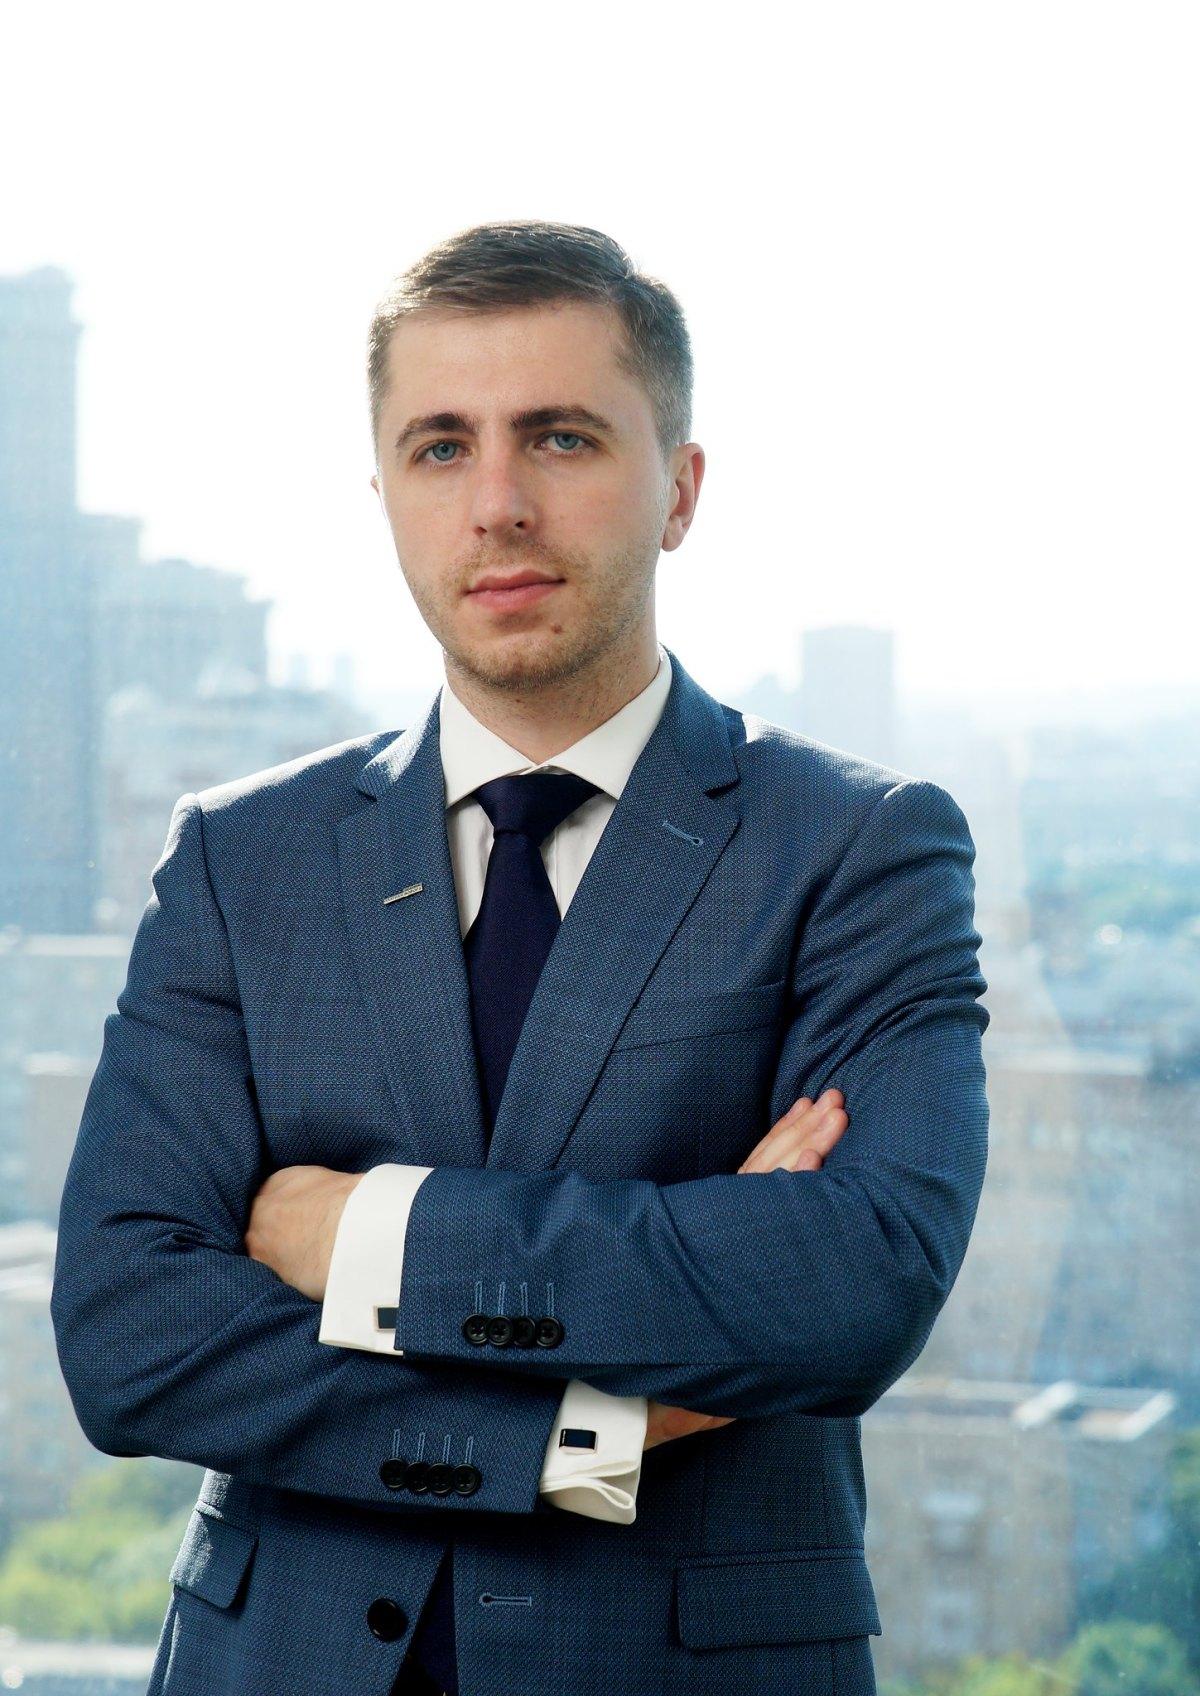 Вадим Коваленко, генеральный директор Управляющей компании «Платная дорога»